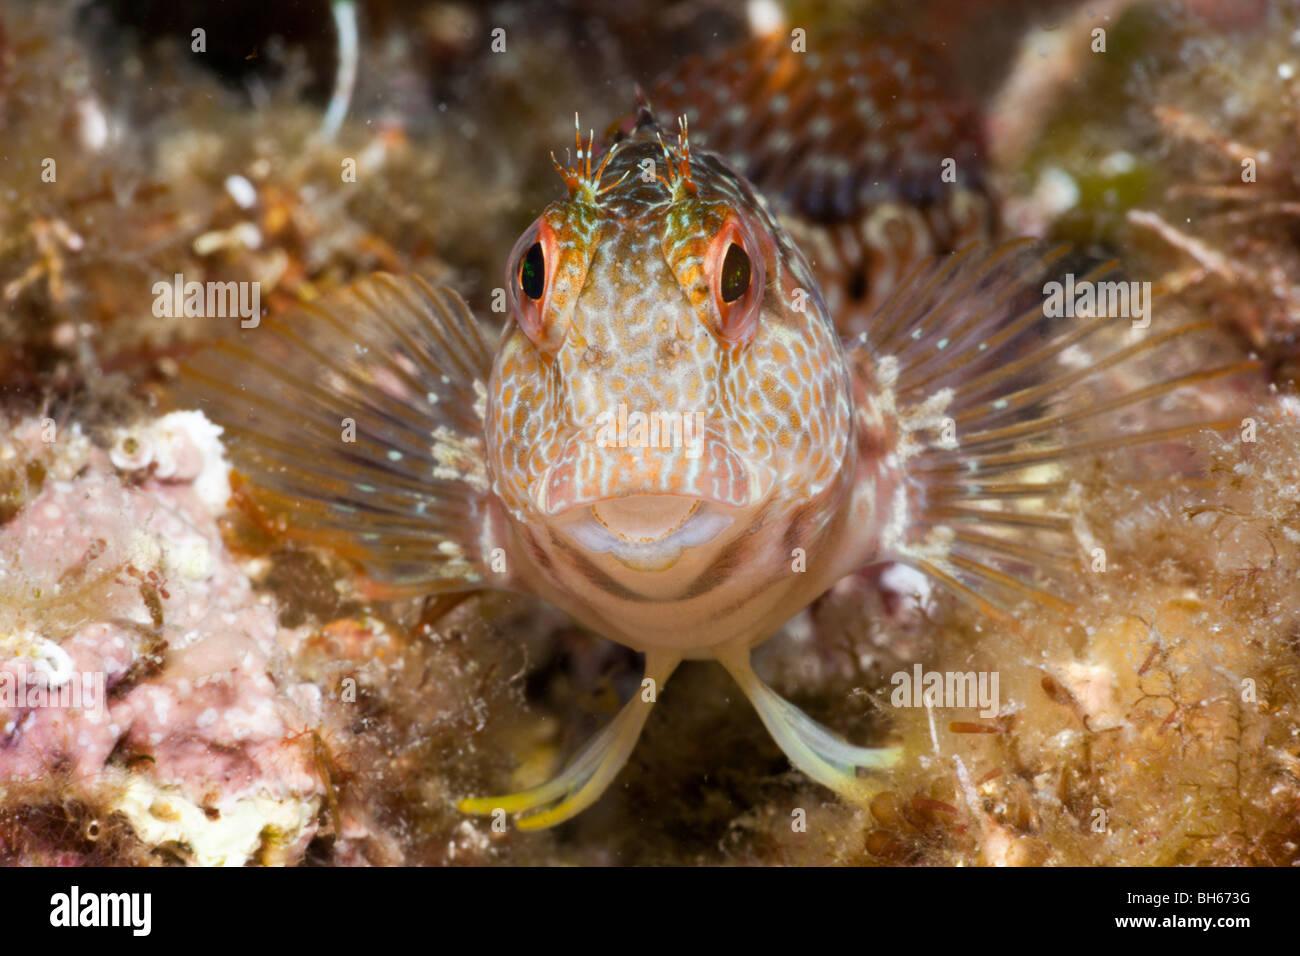 Variabile, bavose Parablennius pilicornis, Tamariu, Costa Brava, Mare mediterraneo, Spagna Immagini Stock